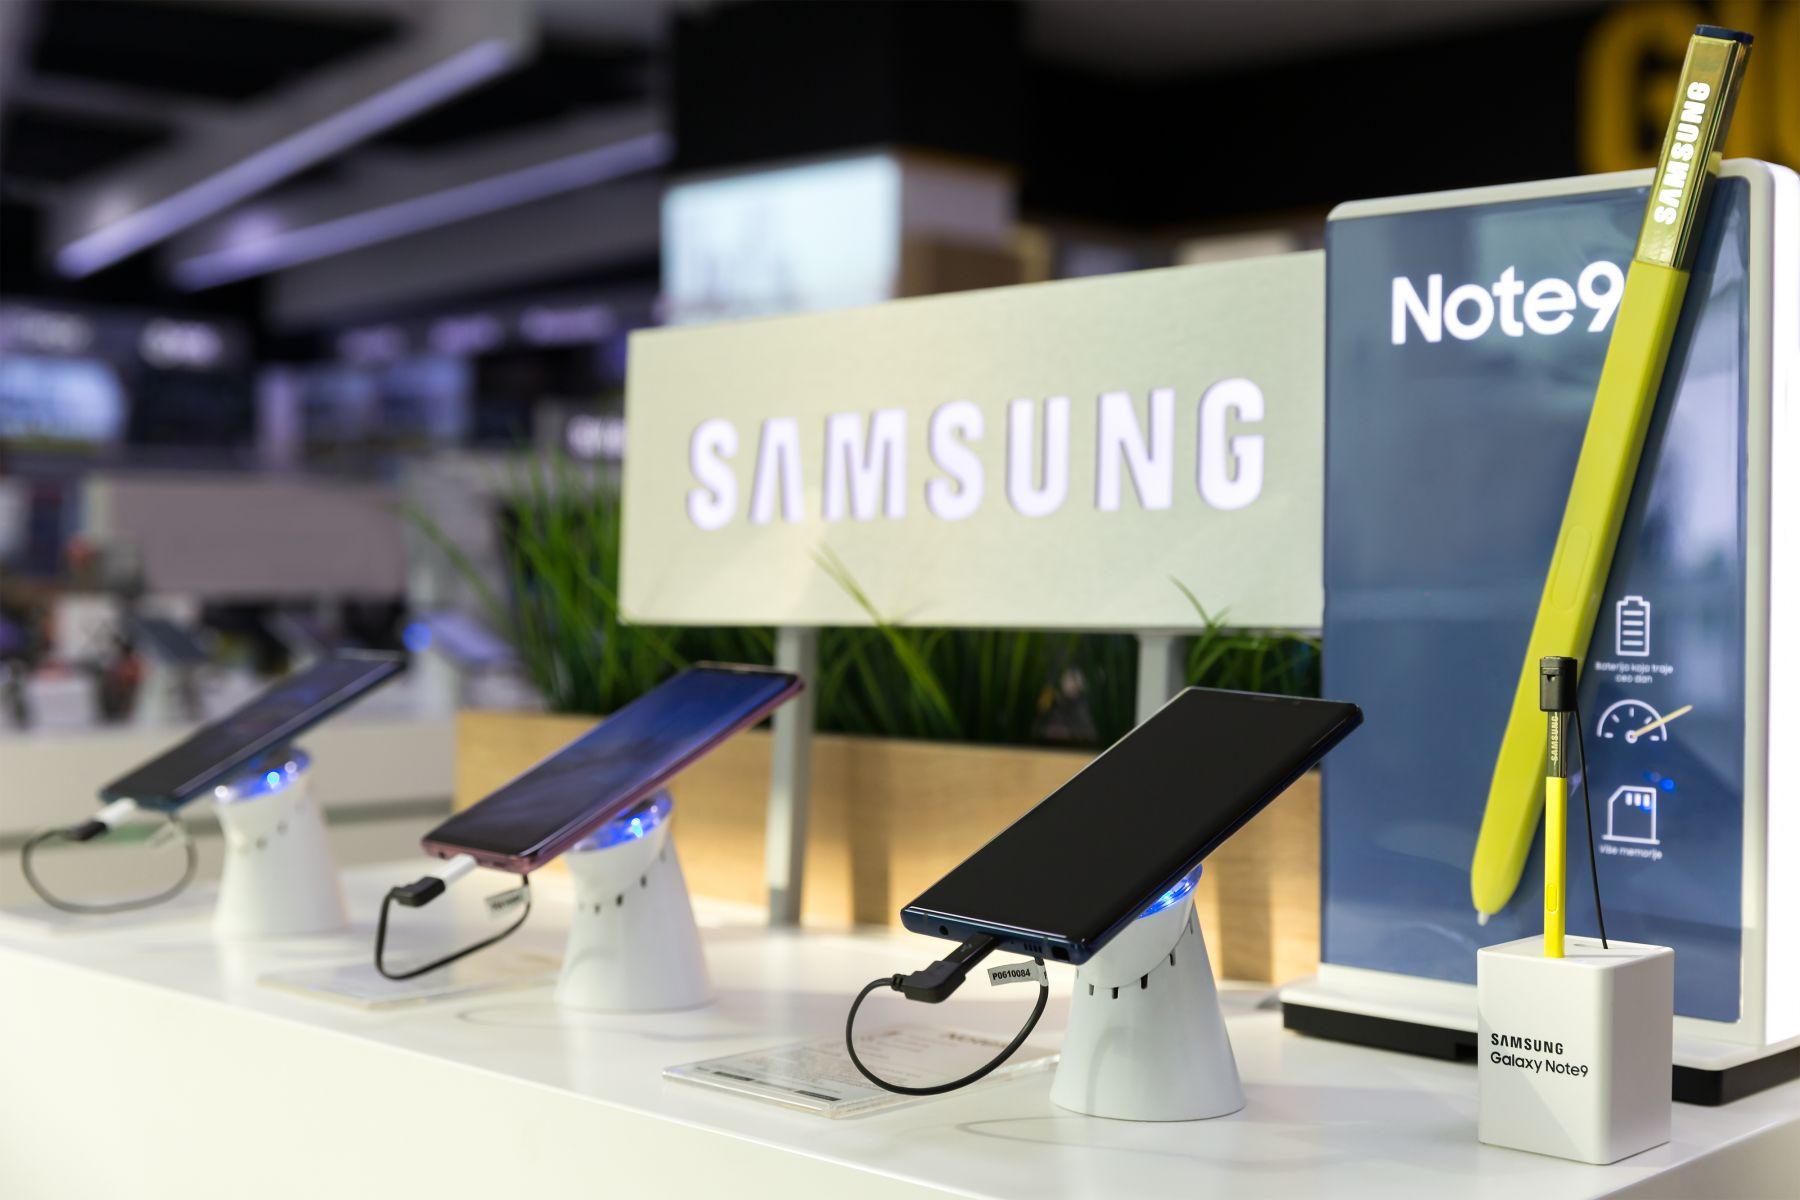 三星惡夢重演?美民眾Note 9自燃、告上法院要求禁售